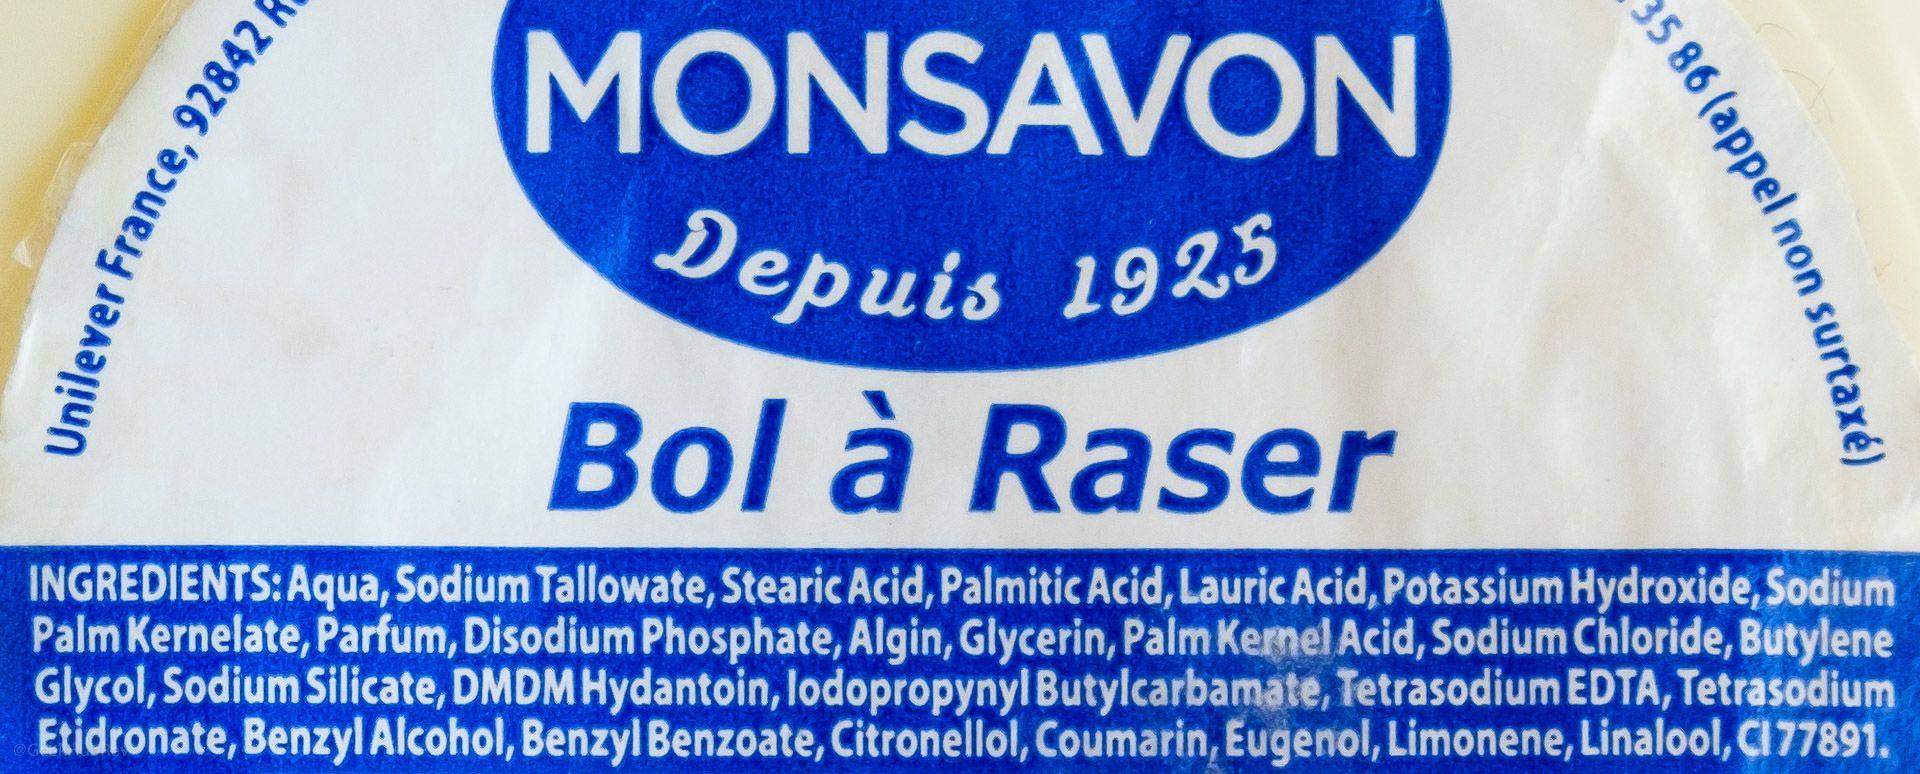 Skład mydła do golenia Monsavon Bol à Raser (INCI ingredients)